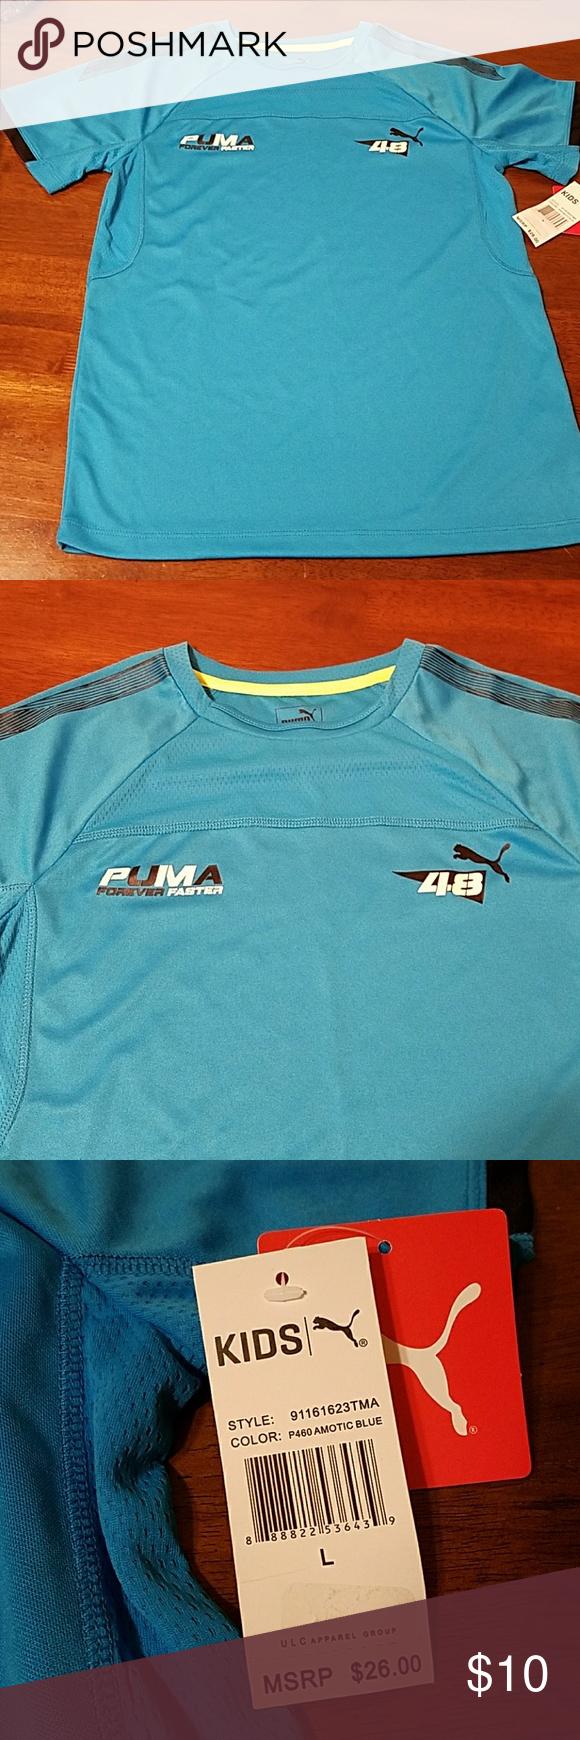 292c62d3e2eab Puma brand